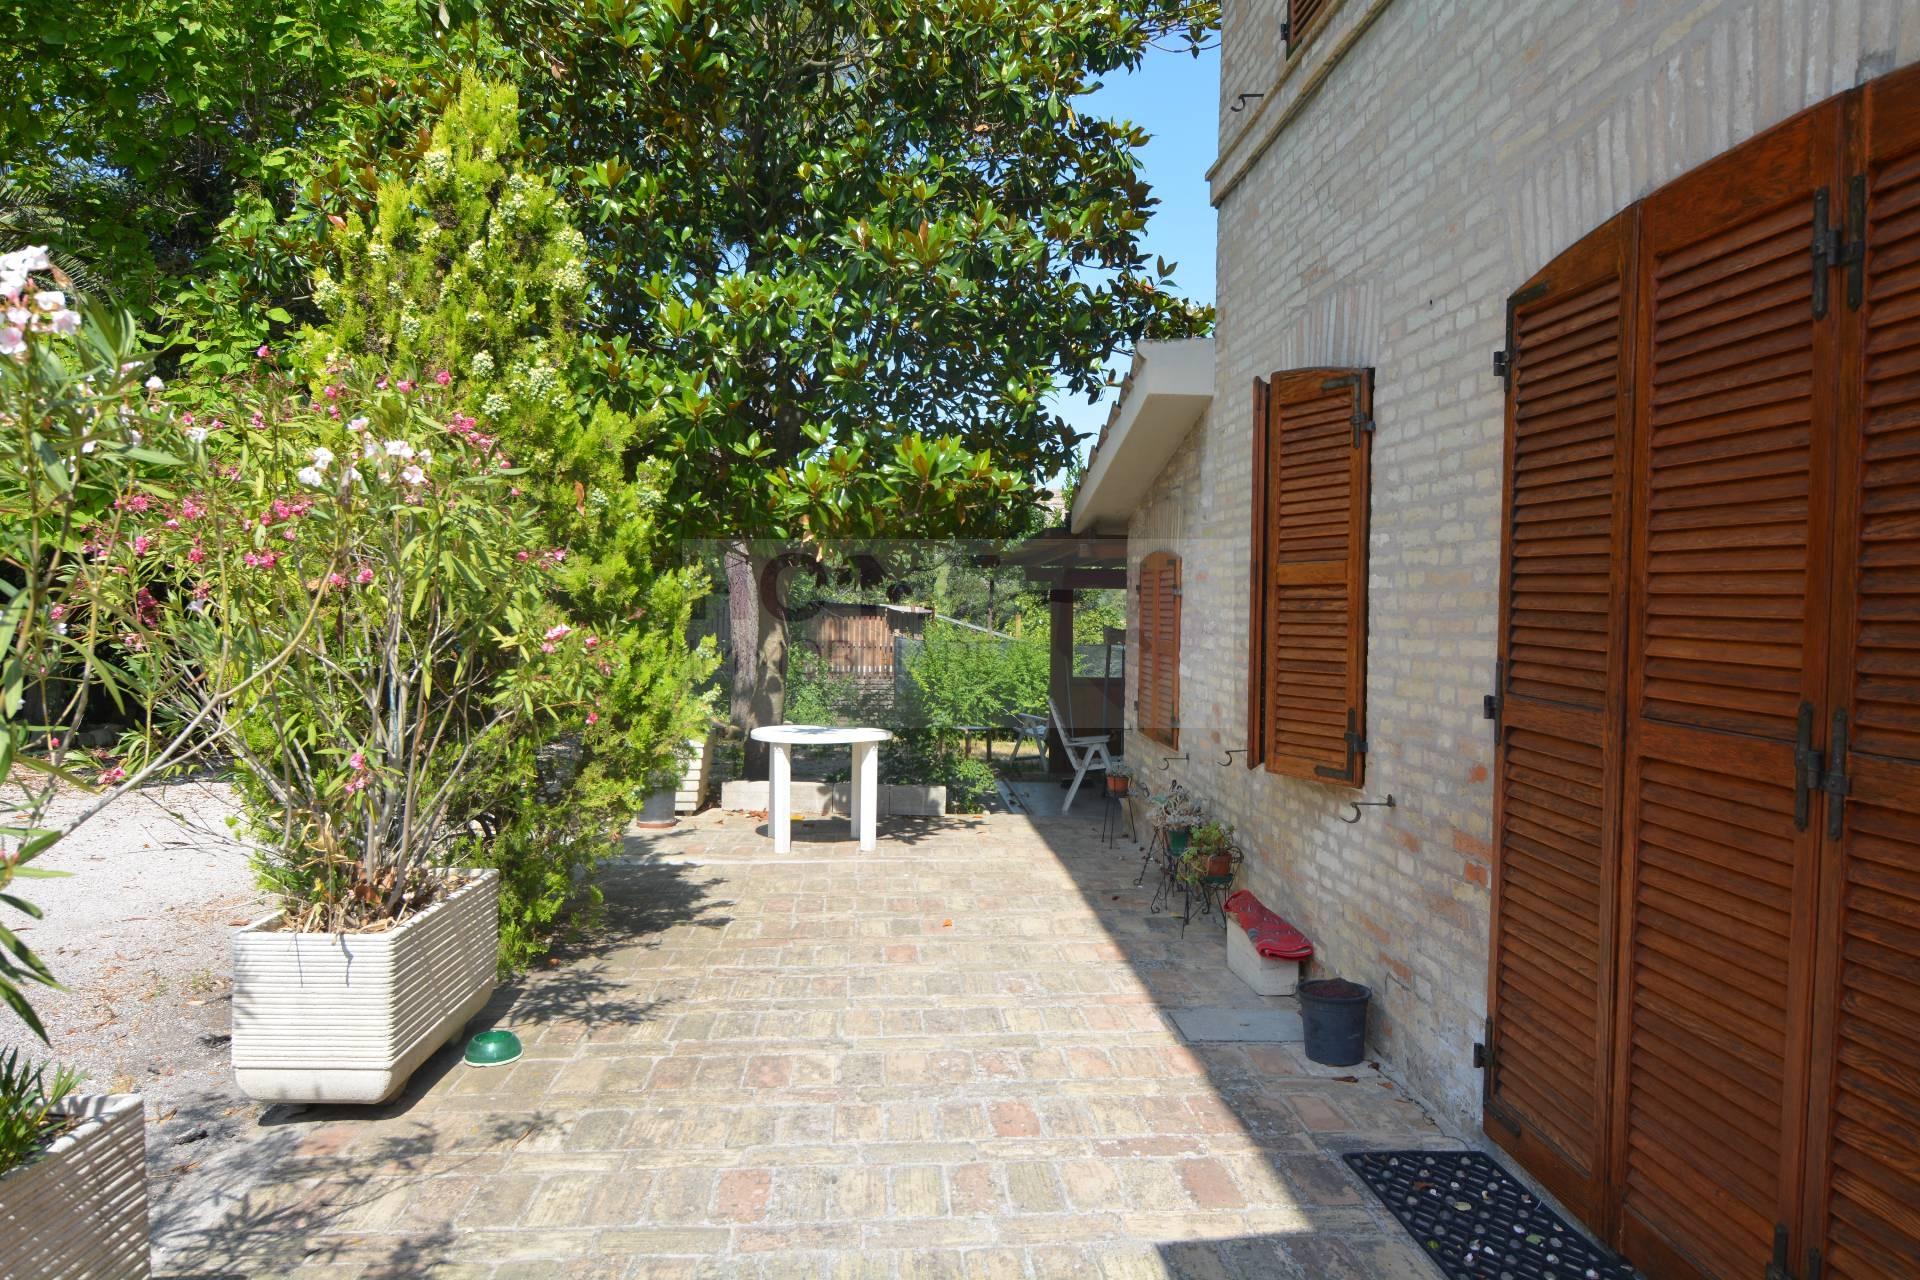 Appartamento in affitto a Macerata, 9 locali, zona Zona: Semicentrale, Trattative riservate | Cambio Casa.it